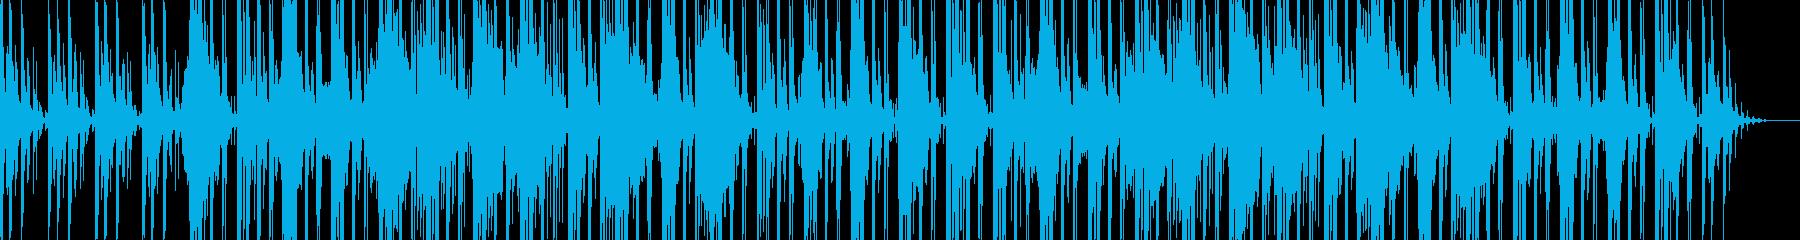 ゆったり優しい電子音メインのBGMの再生済みの波形